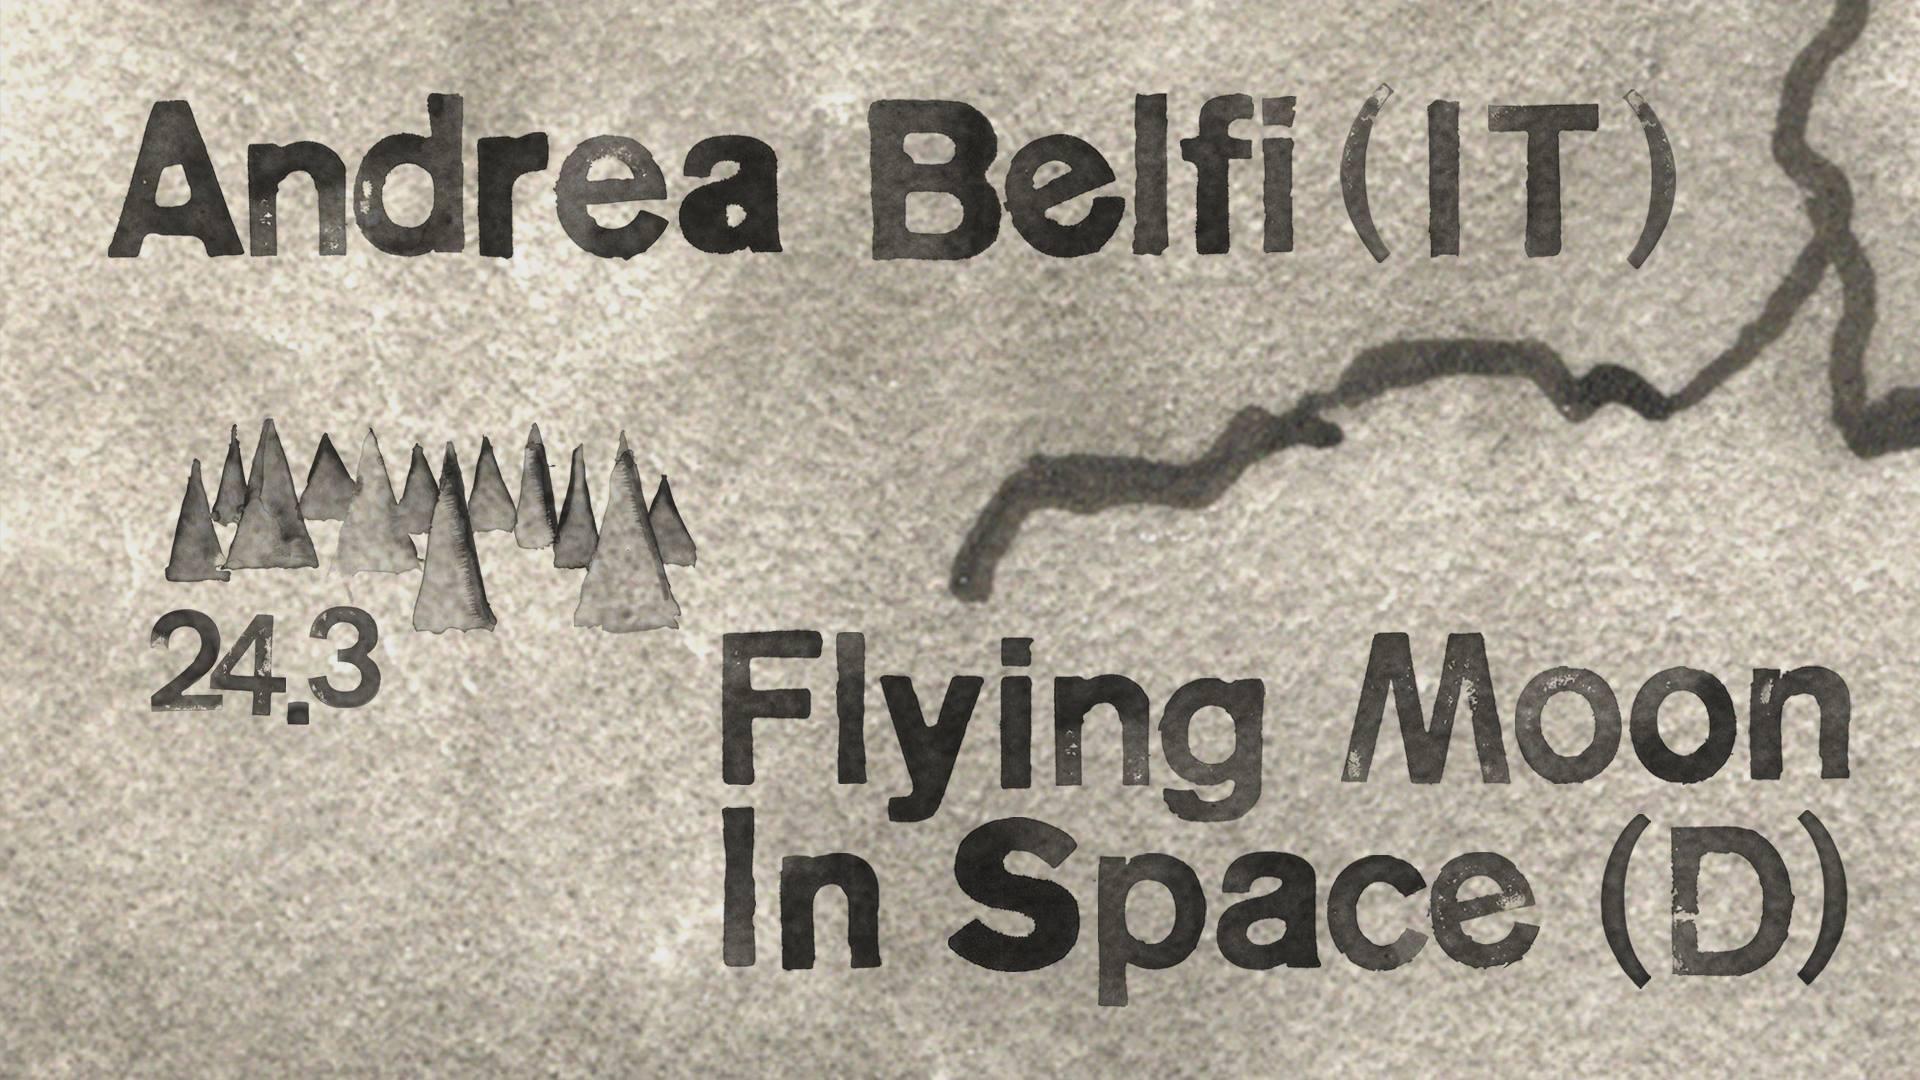 Irrlicht: Andrea Belfi & Flying Moon In Space & +